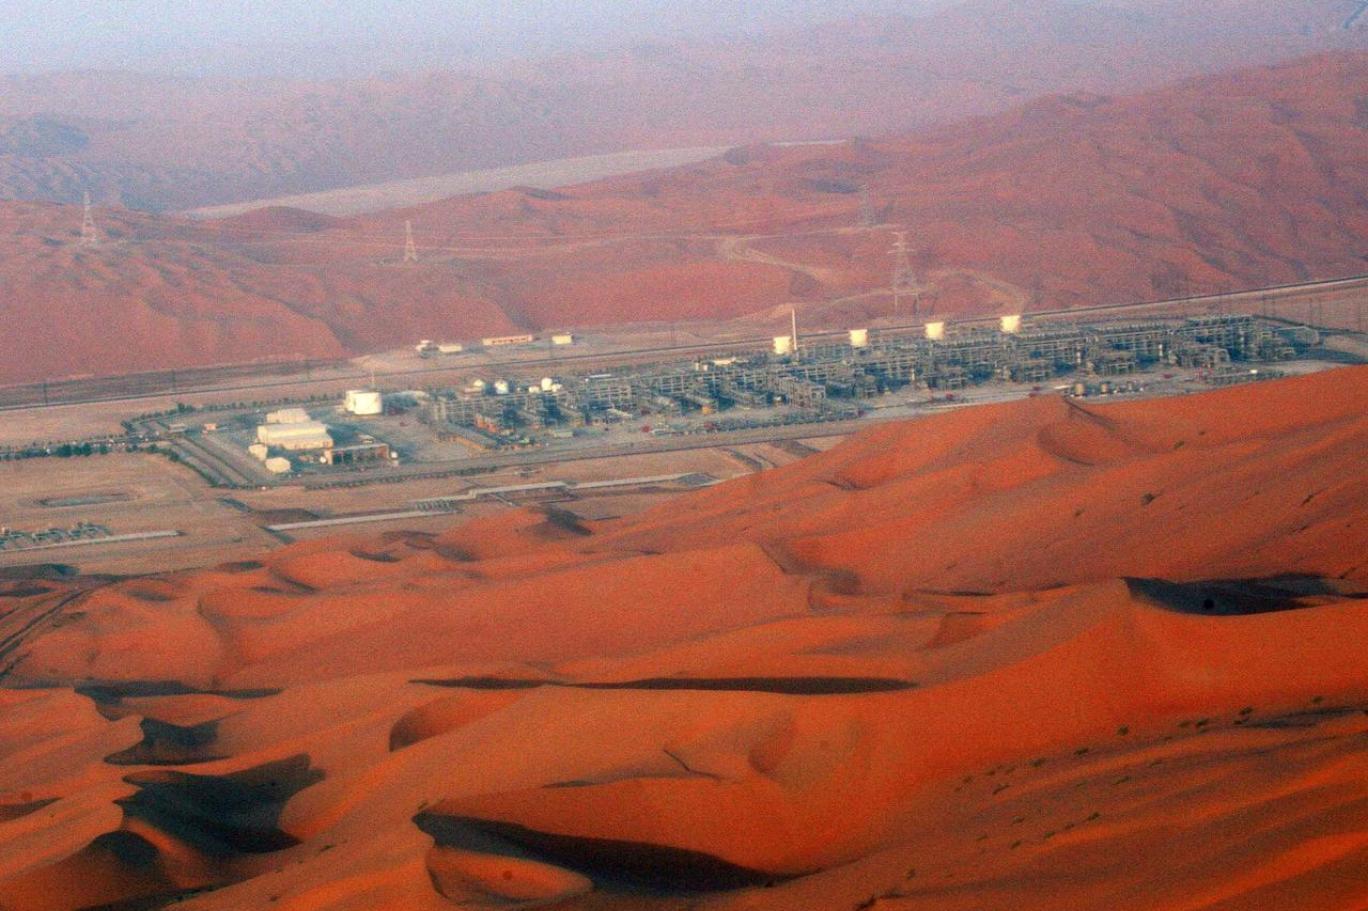 النفط يتجه إلى الصعود بعد الهجوم على منشأة نفط سعودية